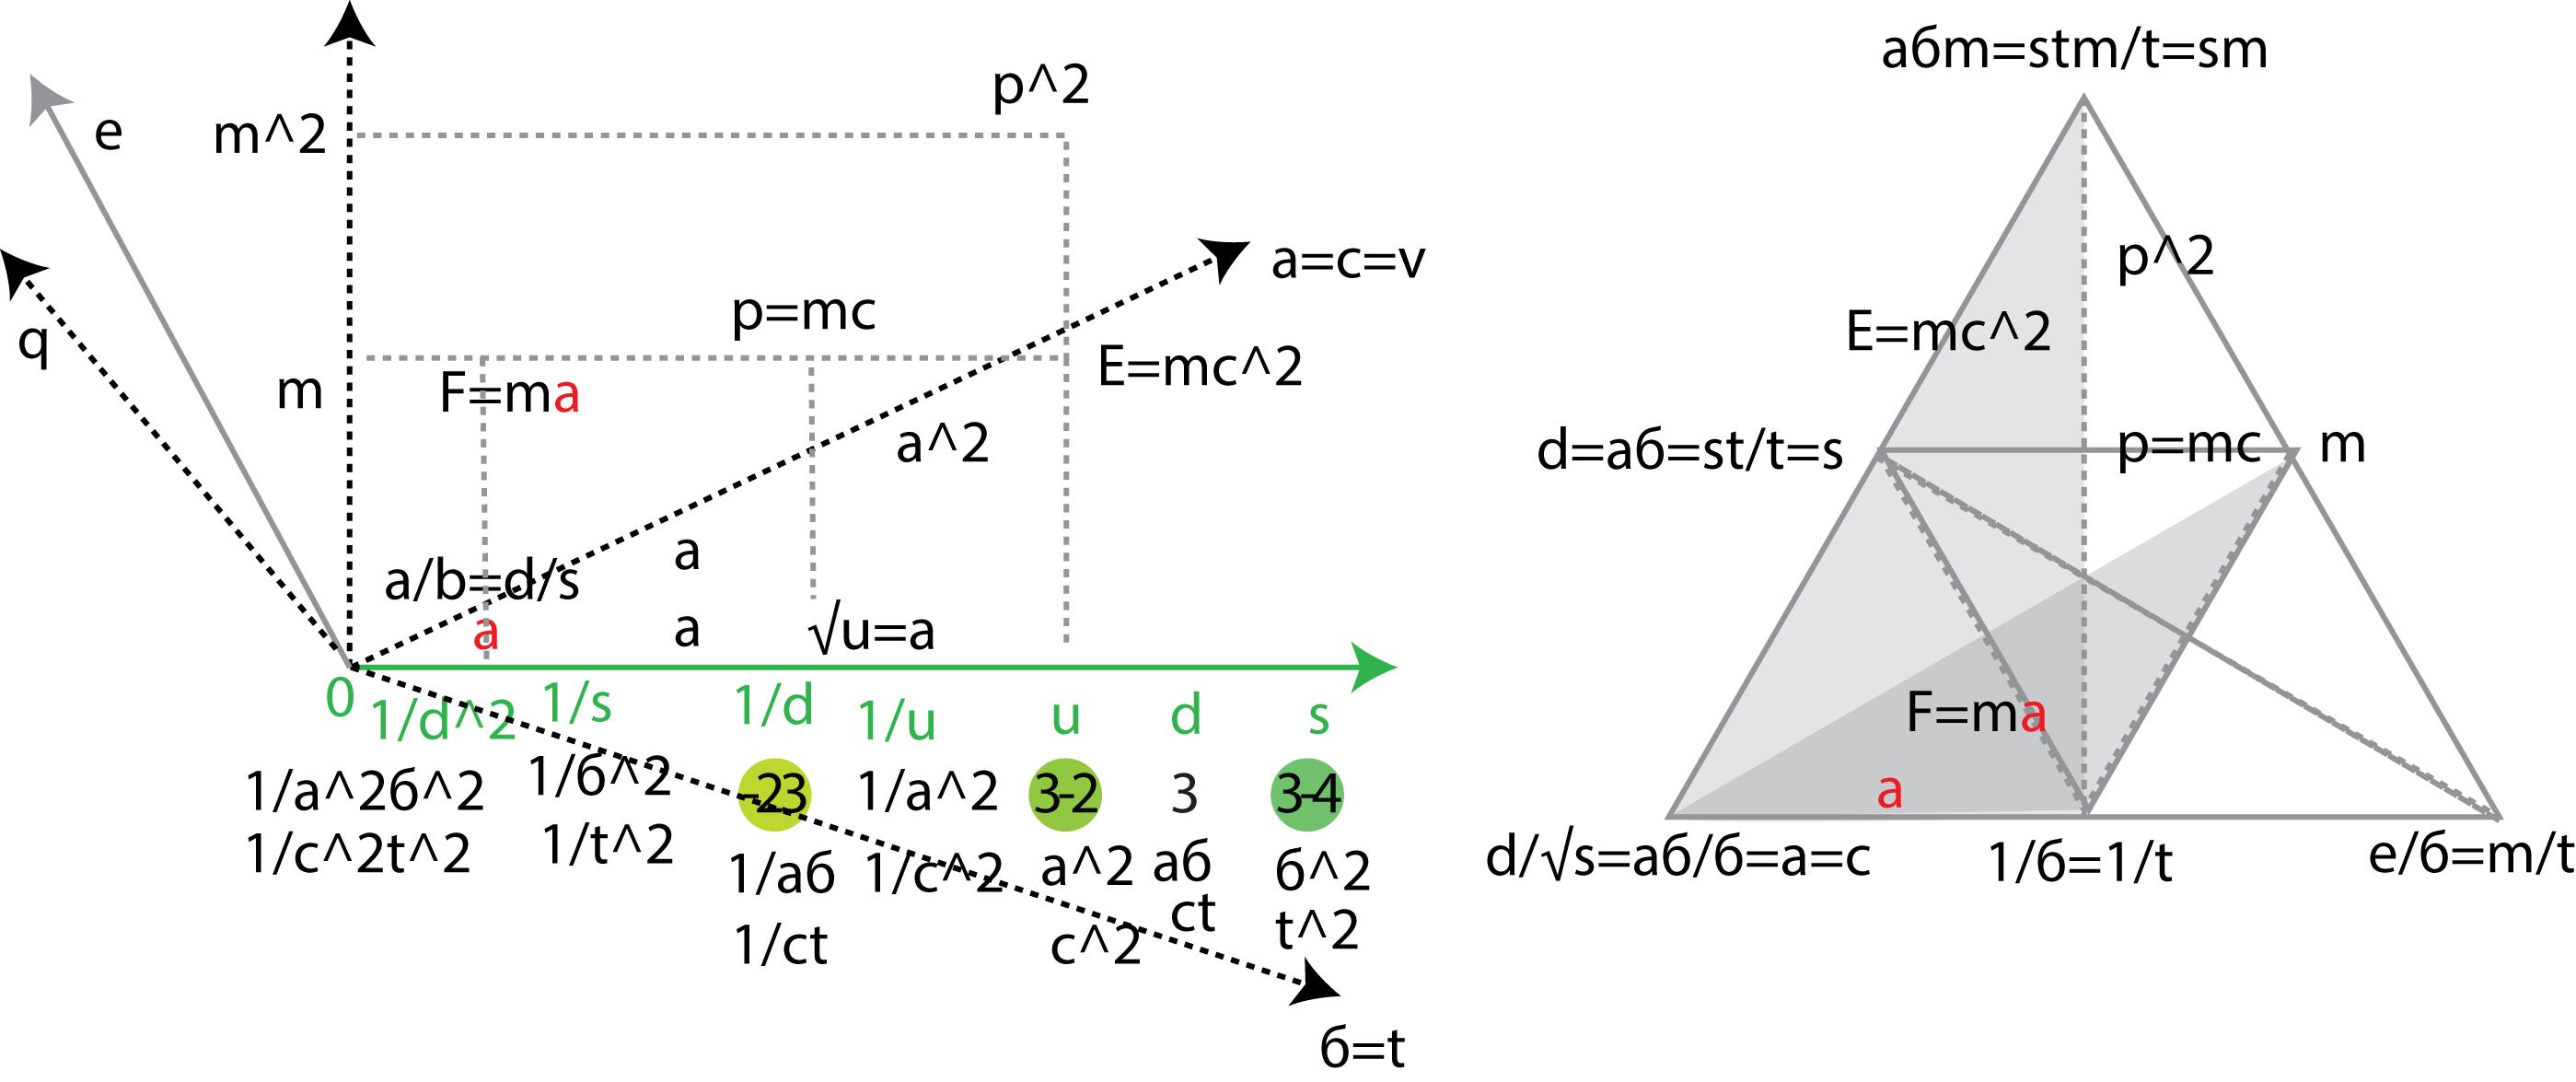 """Рисунок 32. """"Масса"""" и """"заряд"""" электрона - дополнительные оси к серой оси """"квантового числа"""" (электрона). Как """"скорость св"""